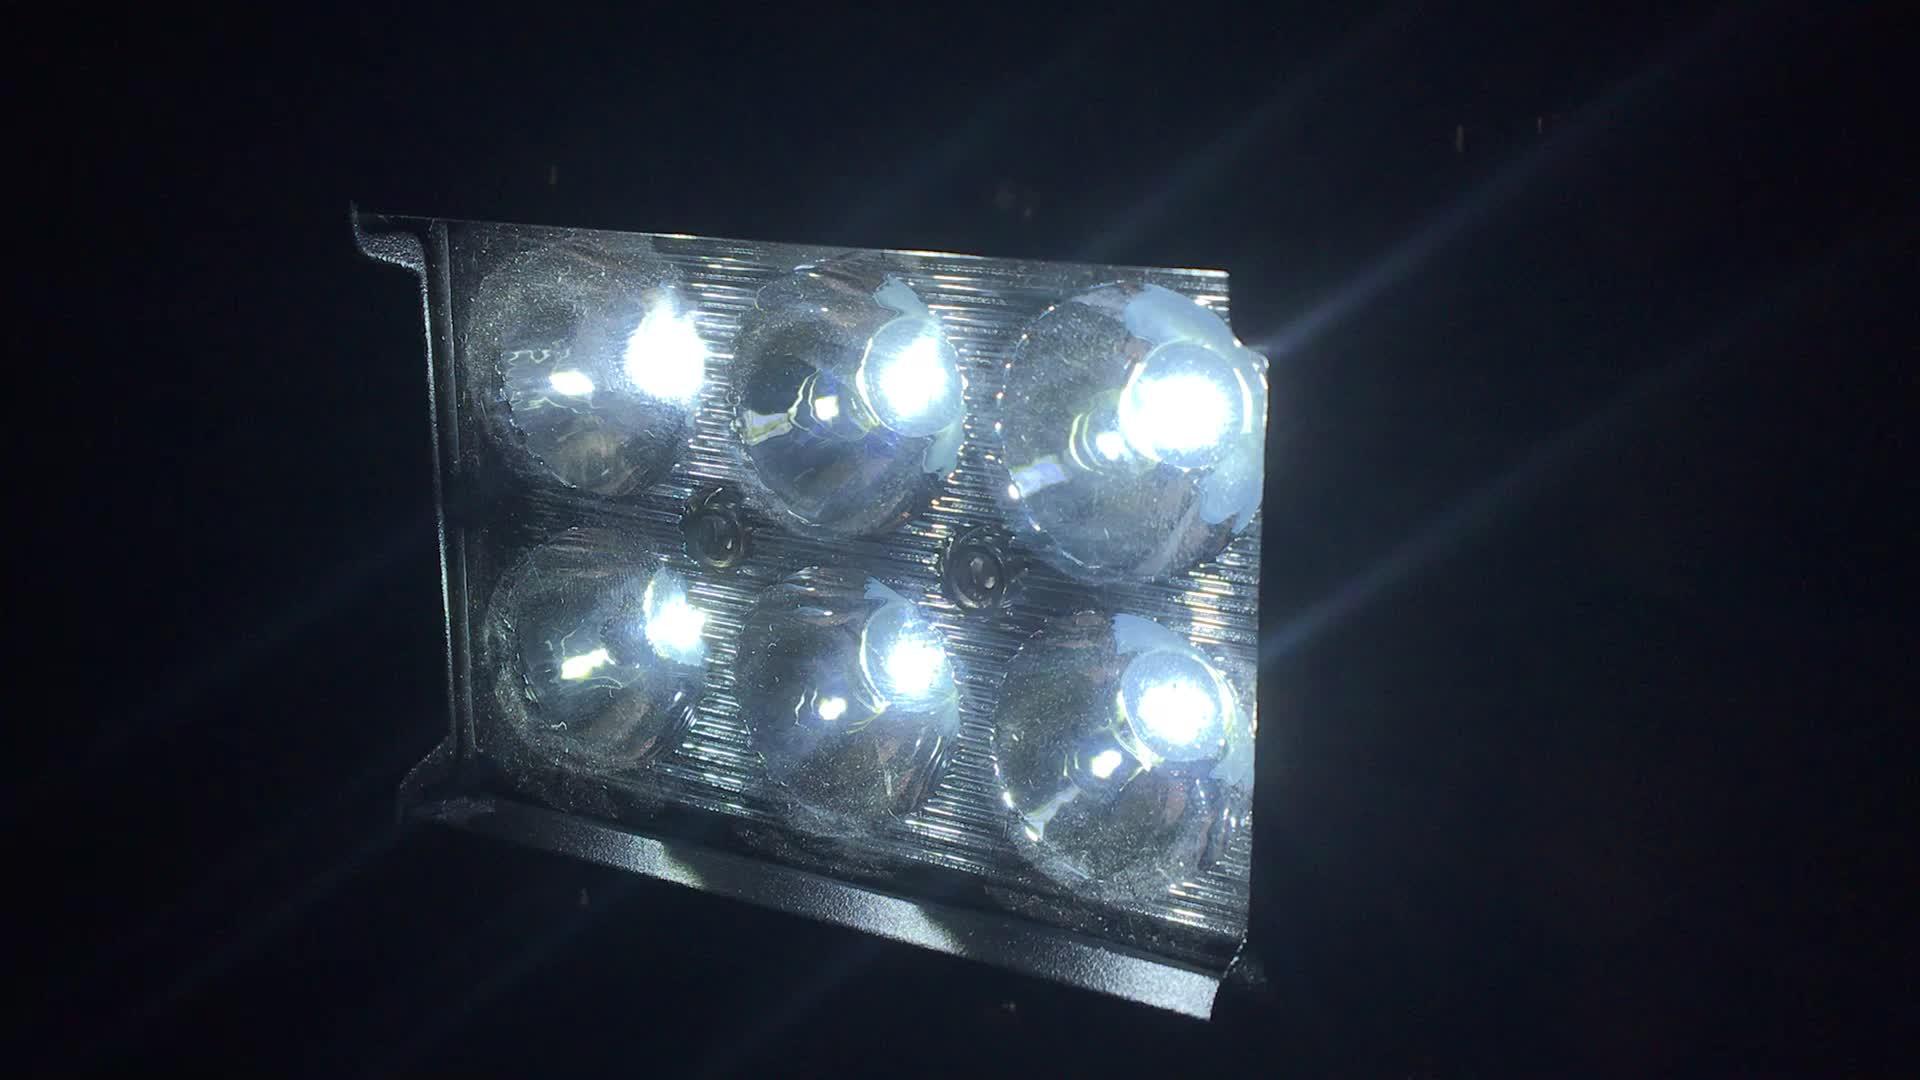 Nicht für den Straßenverkehr 4x4 LED Lichtbalken 12v 24v LED Auto Licht Marine Zubehör 18w LED Arbeitslicht